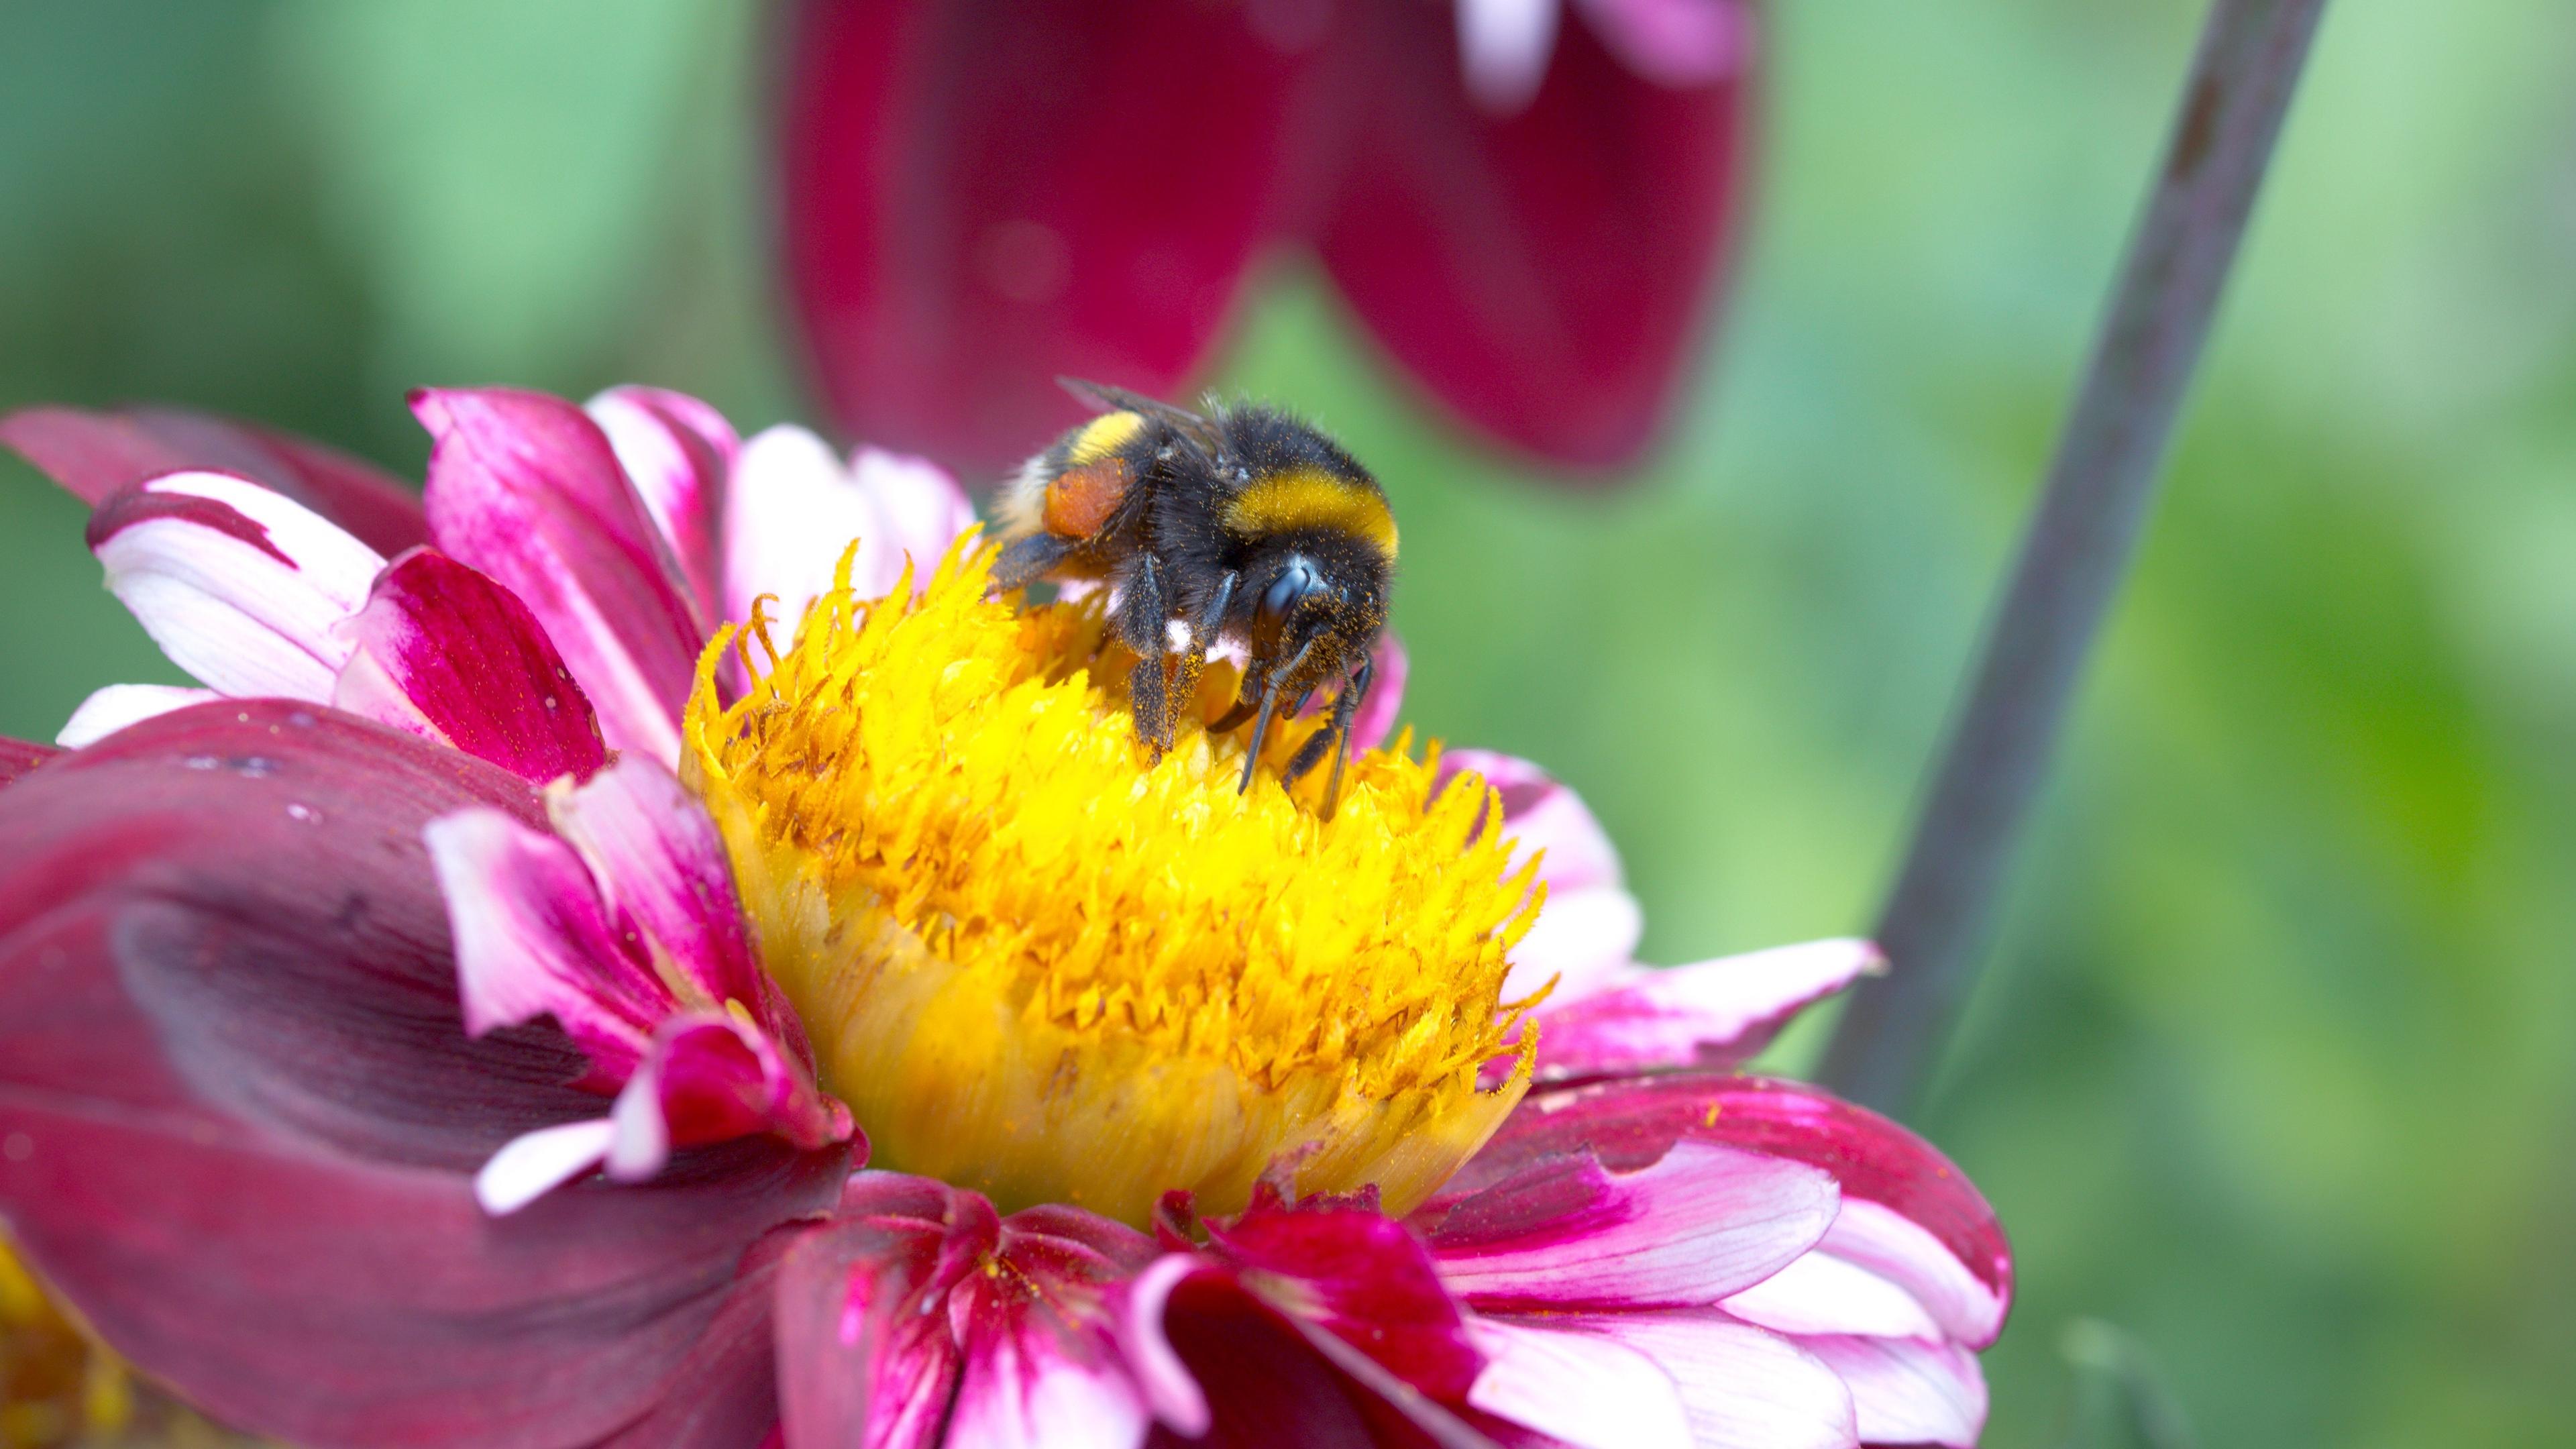 gerogina bee pollination 4k 1541117888 - gerogina, bee, pollination 4k - Pollination, gerogina, Bee